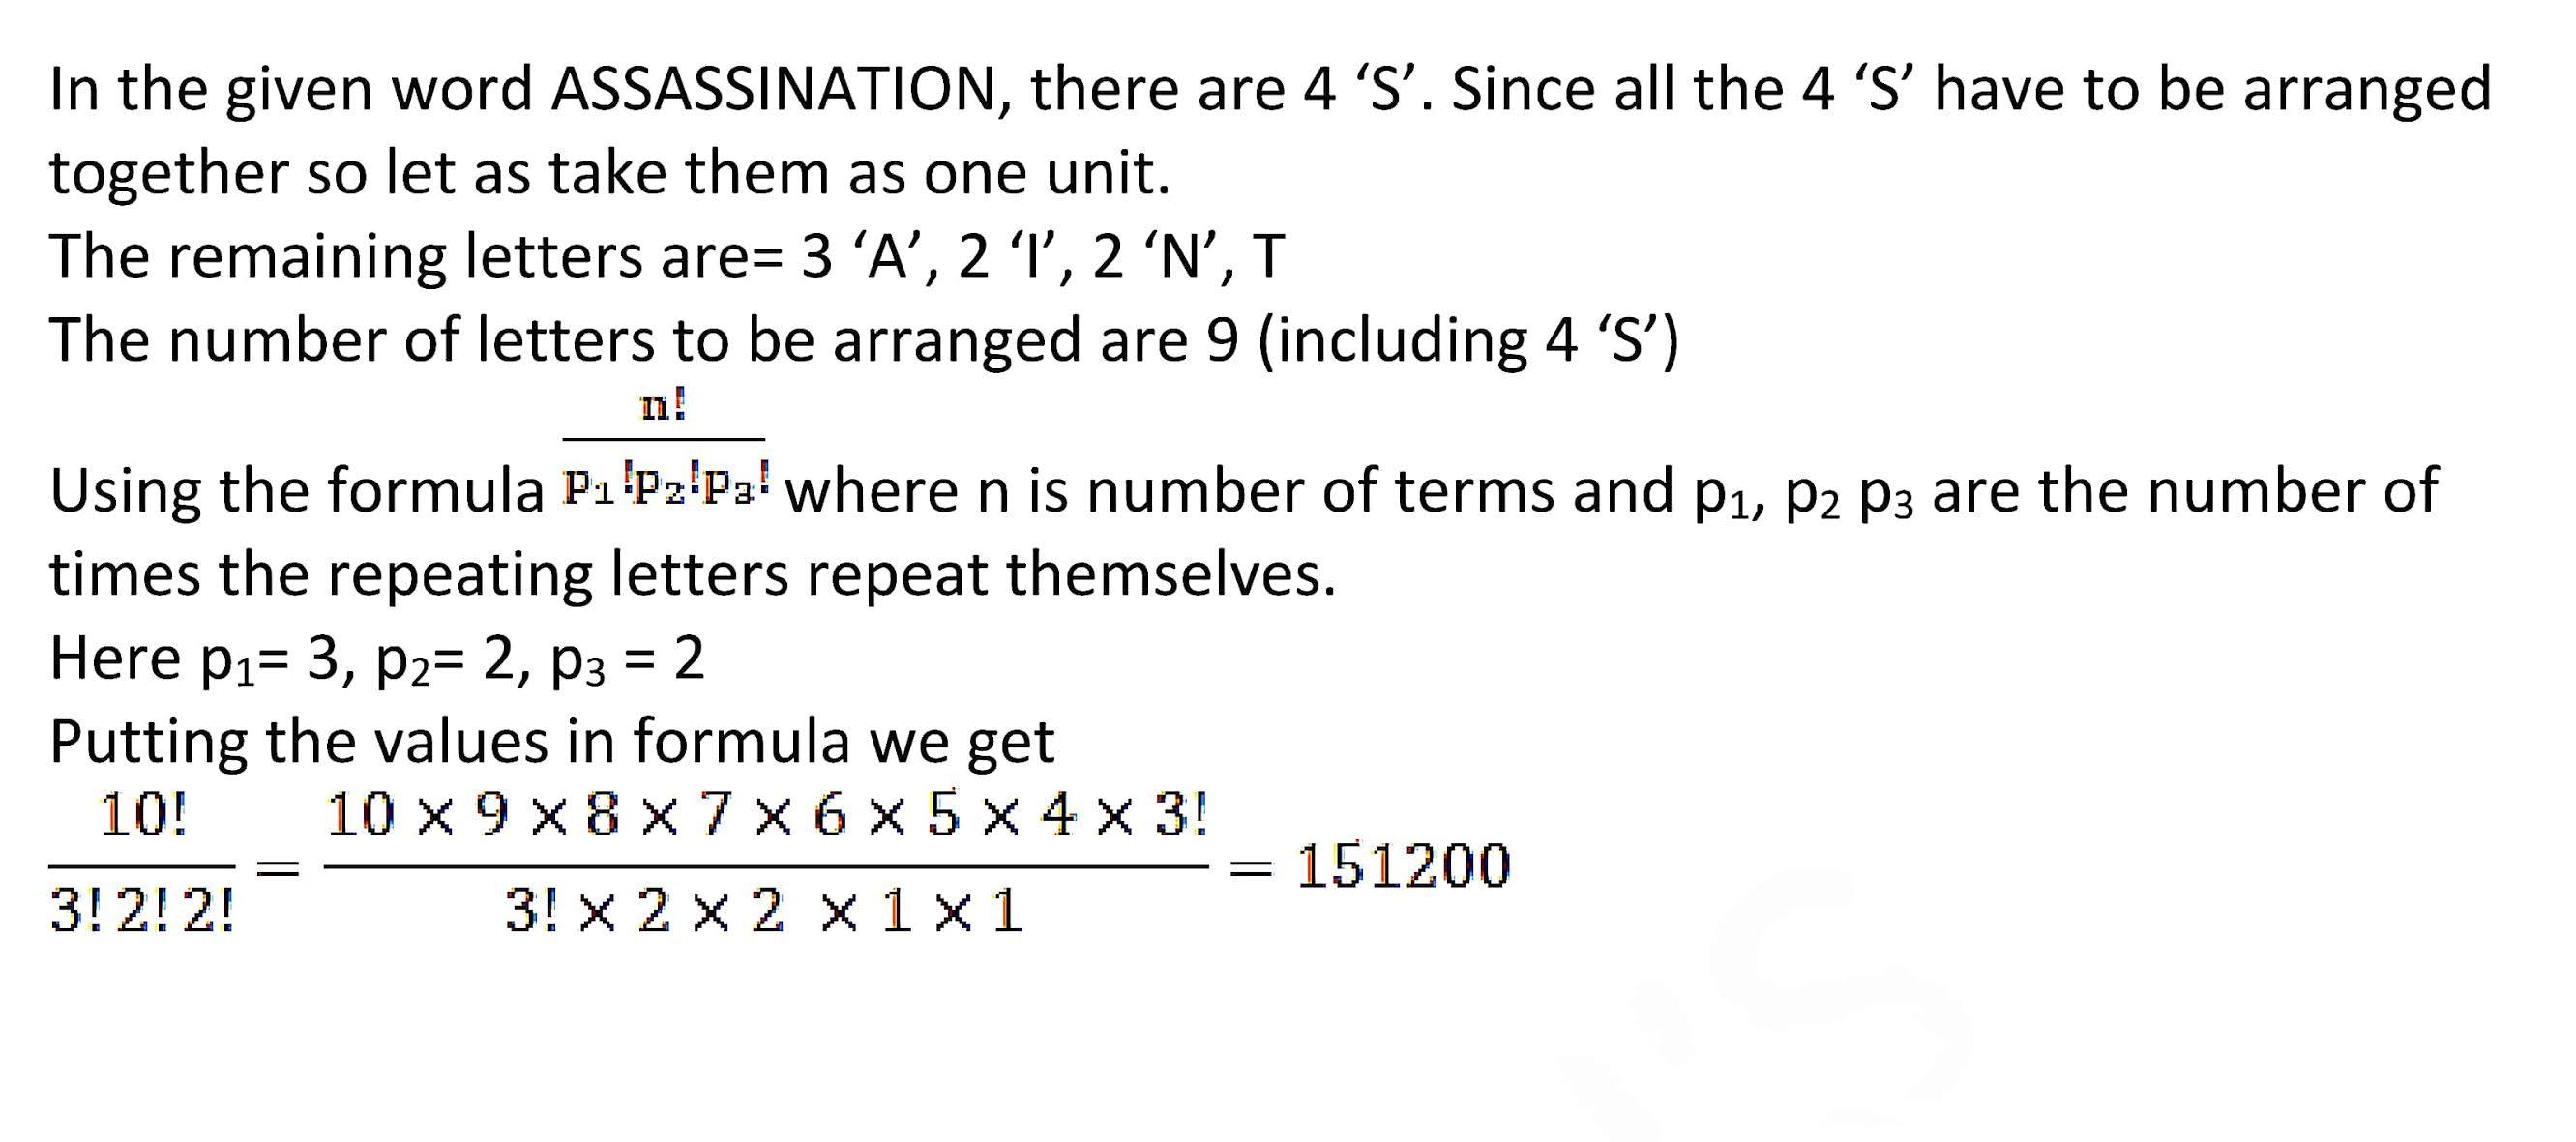 Class 11 Chapter 7- Permutations and Combinations,  11th Maths book in hindi,11th Maths notes in hindi,cbse books for class  11,cbse books in hindi,cbse ncert books,class  11  Maths notes in hindi,class  11 hindi ncert solutions, Maths 2020, Maths 2021, Maths 2022, Maths book class  11, Maths book in hindi, Maths class  11 in hindi, Maths notes for class  11 up board in hindi,ncert all books,ncert app in hindi,ncert book solution,ncert books class 10,ncert books class  11,ncert books for class 7,ncert books for upsc in hindi,ncert books in hindi class 10,ncert books in hindi for class  11  Maths,ncert books in hindi for class 6,ncert books in hindi pdf,ncert class  11 hindi book,ncert english book,ncert  Maths book in hindi,ncert  Maths books in hindi pdf,ncert  Maths class  11,ncert in hindi,old ncert books in hindi,online ncert books in hindi,up board  11th,up board  11th syllabus,up board class 10 hindi book,up board class  11 books,up board class  11 new syllabus,up Board  Maths 2020,up Board  Maths 2021,up Board  Maths 2022,up Board  Maths 2023,up board intermediate  Maths syllabus,up board intermediate syllabus 2021,Up board Master 2021,up board model paper 2021,up board model paper all subject,up board new syllabus of class 11th Maths,up board paper 2021,Up board syllabus 2021,UP board syllabus 2022,   11 वीं मैथ्स पुस्तक हिंदी में,  11 वीं मैथ्स नोट्स हिंदी में, कक्षा  11 के लिए सीबीएससी पुस्तकें, हिंदी में सीबीएससी पुस्तकें, सीबीएससी  पुस्तकें, कक्षा  11 मैथ्स नोट्स हिंदी में, कक्षा  11 हिंदी एनसीईआरटी समाधान, मैथ्स 2020, मैथ्स 2021, मैथ्स 2022, मैथ्स  बुक क्लास  11, मैथ्स बुक इन हिंदी, बायोलॉजी क्लास  11 हिंदी में, मैथ्स नोट्स इन क्लास  11 यूपी  बोर्ड इन हिंदी, एनसीईआरटी मैथ्स की किताब हिंदी में,  बोर्ड  11 वीं तक,  11 वीं तक की पाठ्यक्रम, बोर्ड कक्षा 10 की हिंदी पुस्तक  , बोर्ड की कक्षा  11 की किताबें, बोर्ड की कक्षा  11 की नई पाठ्यक्रम, बोर्ड मैथ्स 2020, यूपी   बोर्ड मैथ्स 2021, यूपी  बोर्ड मैथ्स 2022, यूपी  बोर्ड मैथ्स 2023, यूपी  बोर्ड इंटरमीडिएट बायोल